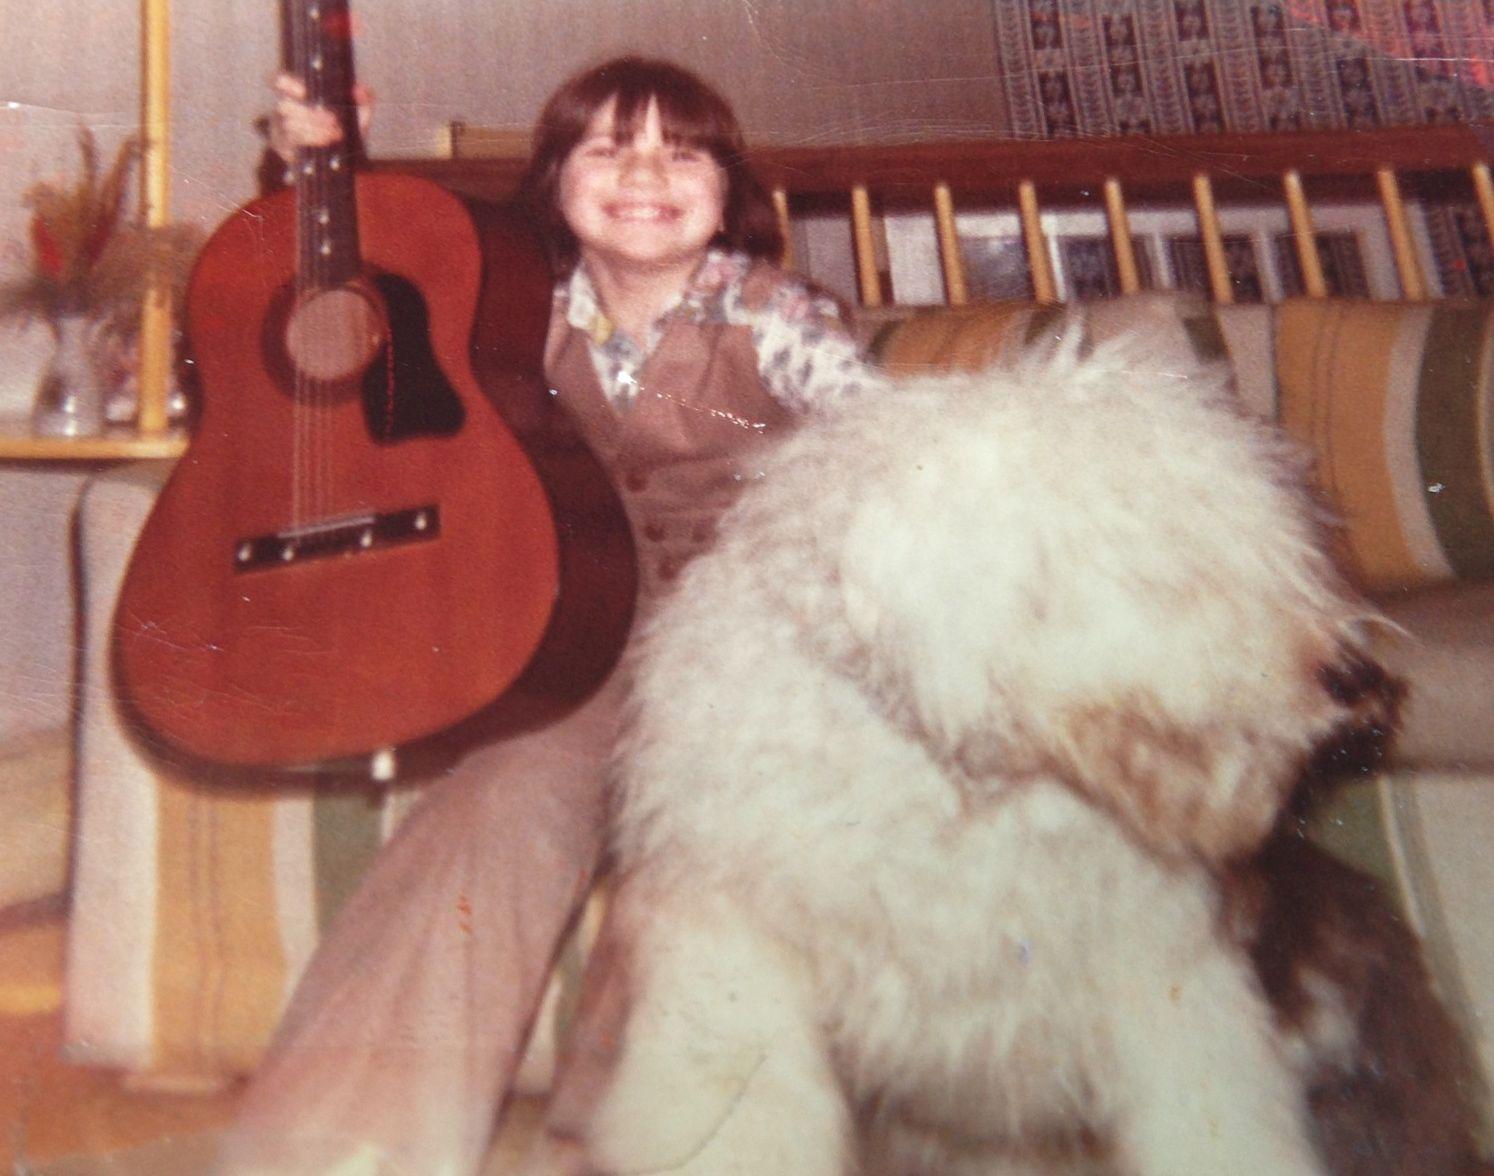 Marykate O'Neil 1970's folk singer